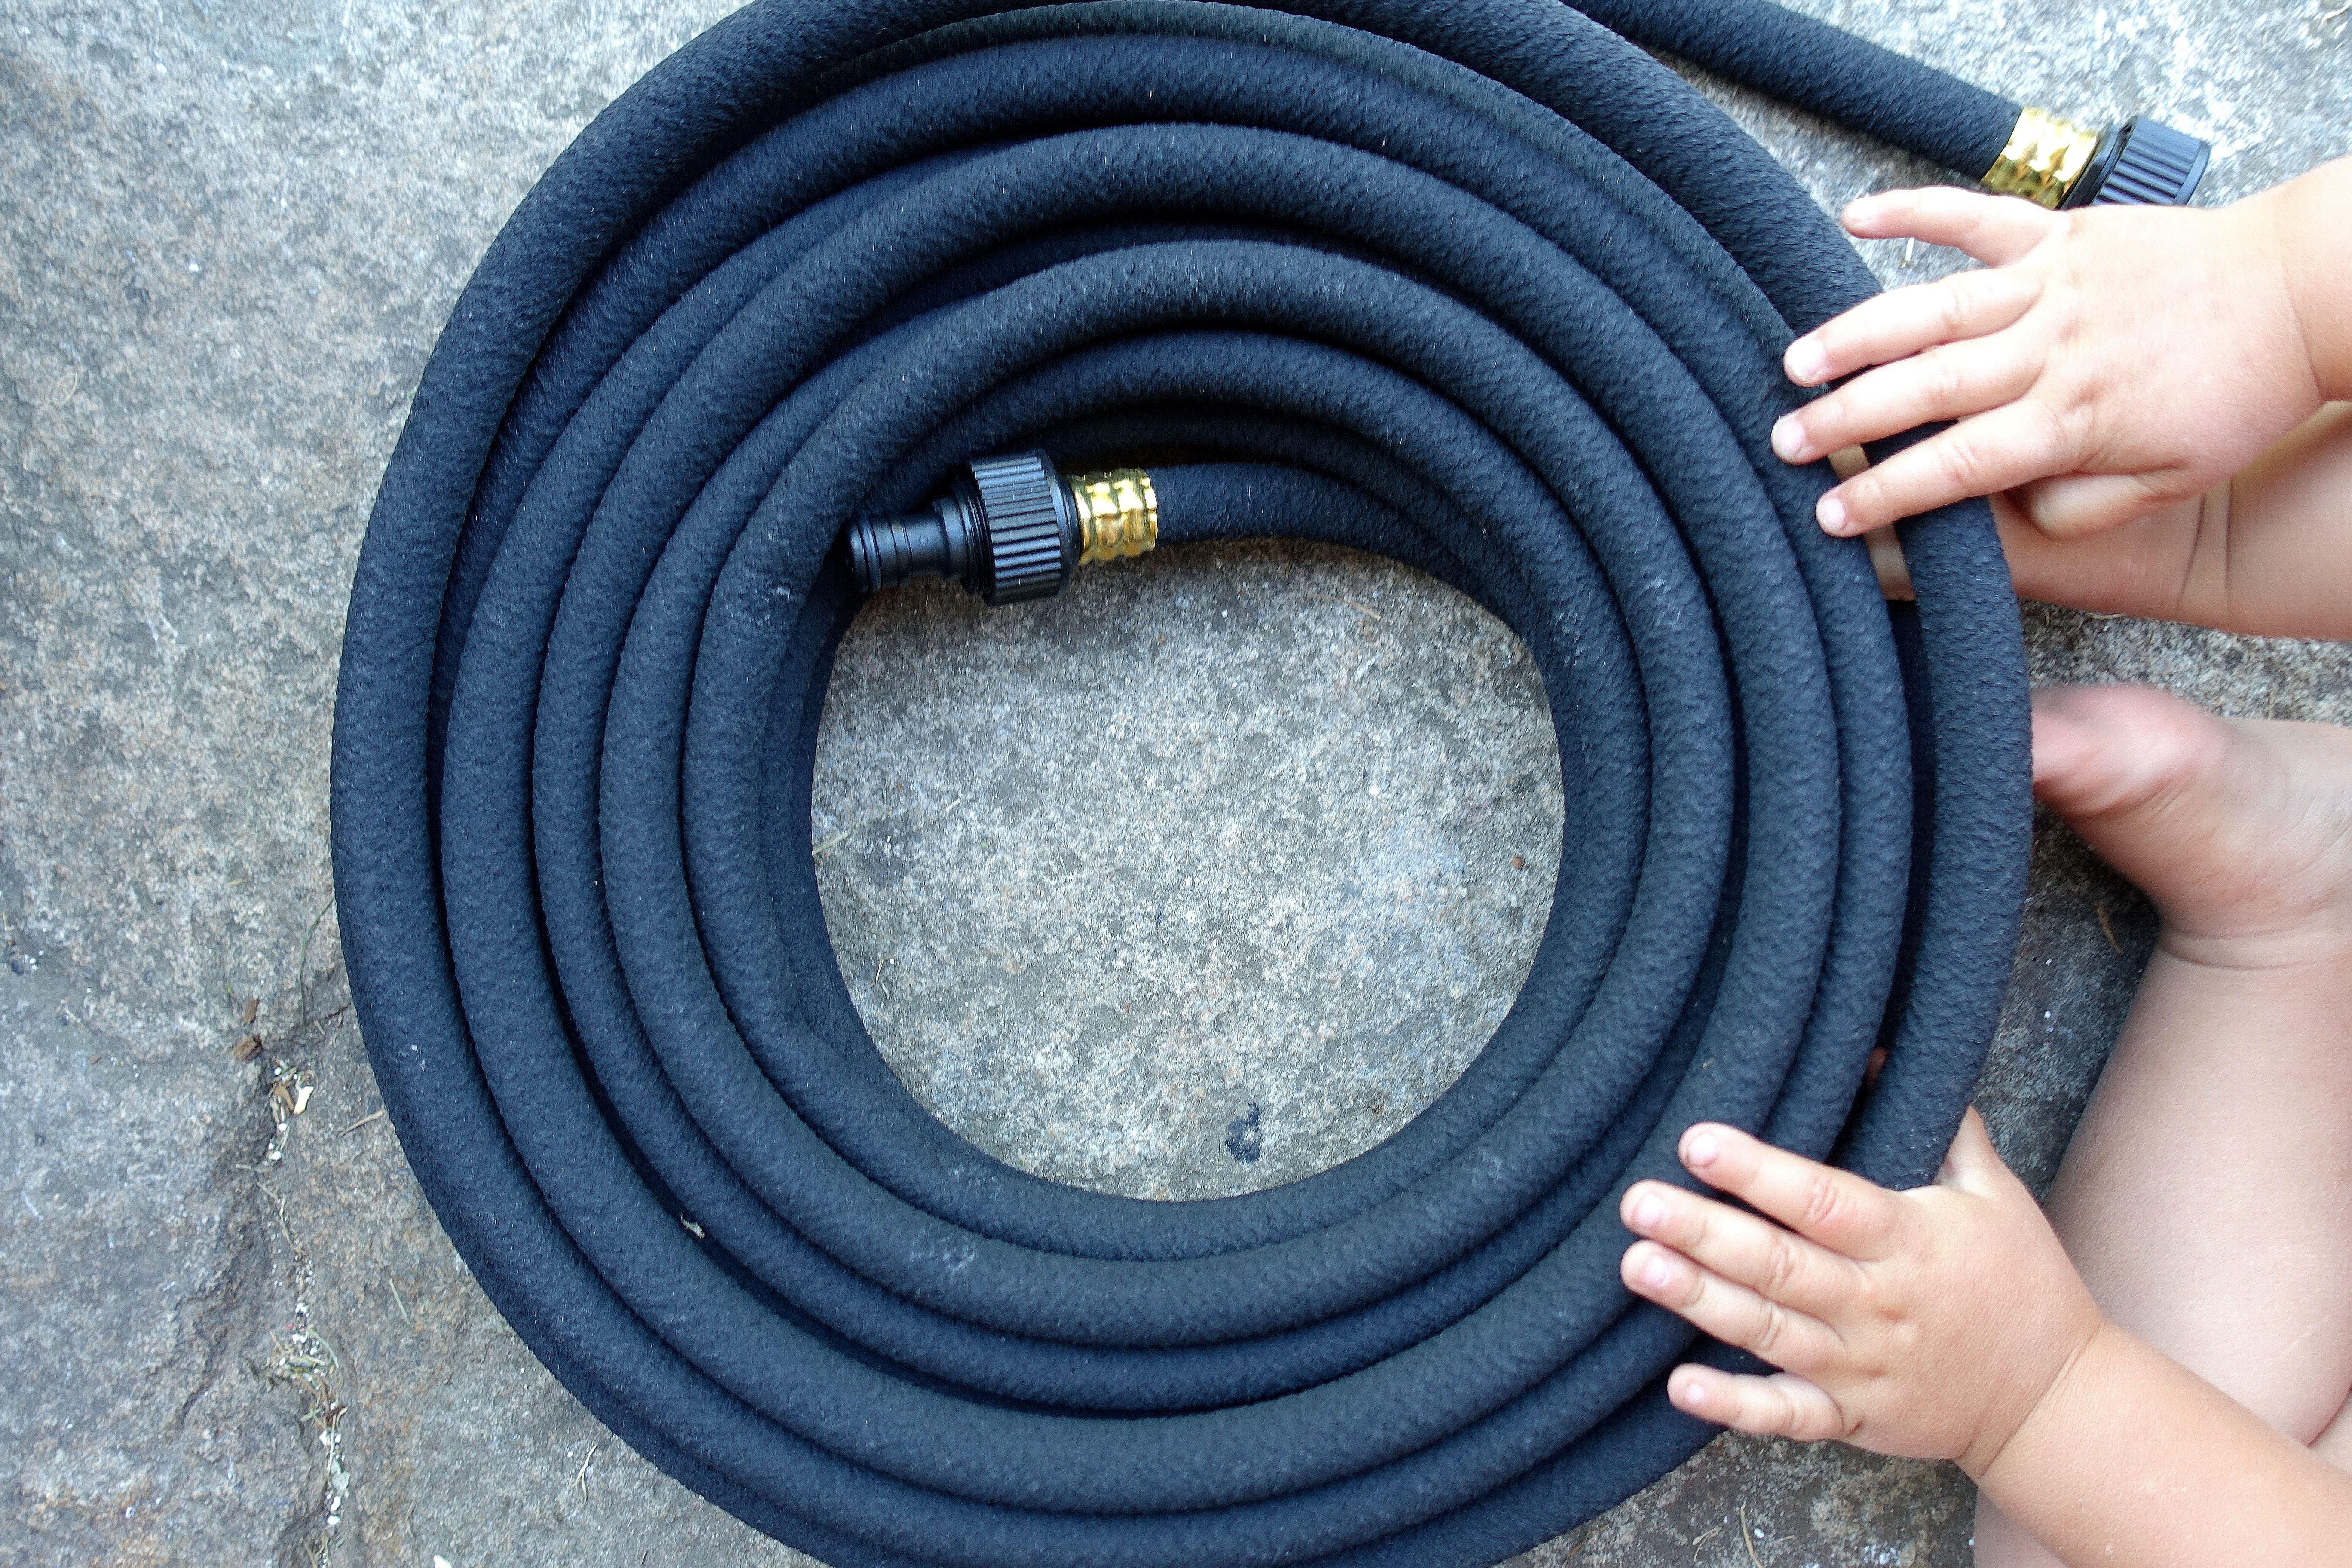 En ihoprullad svart slang. Soaker hose, black.